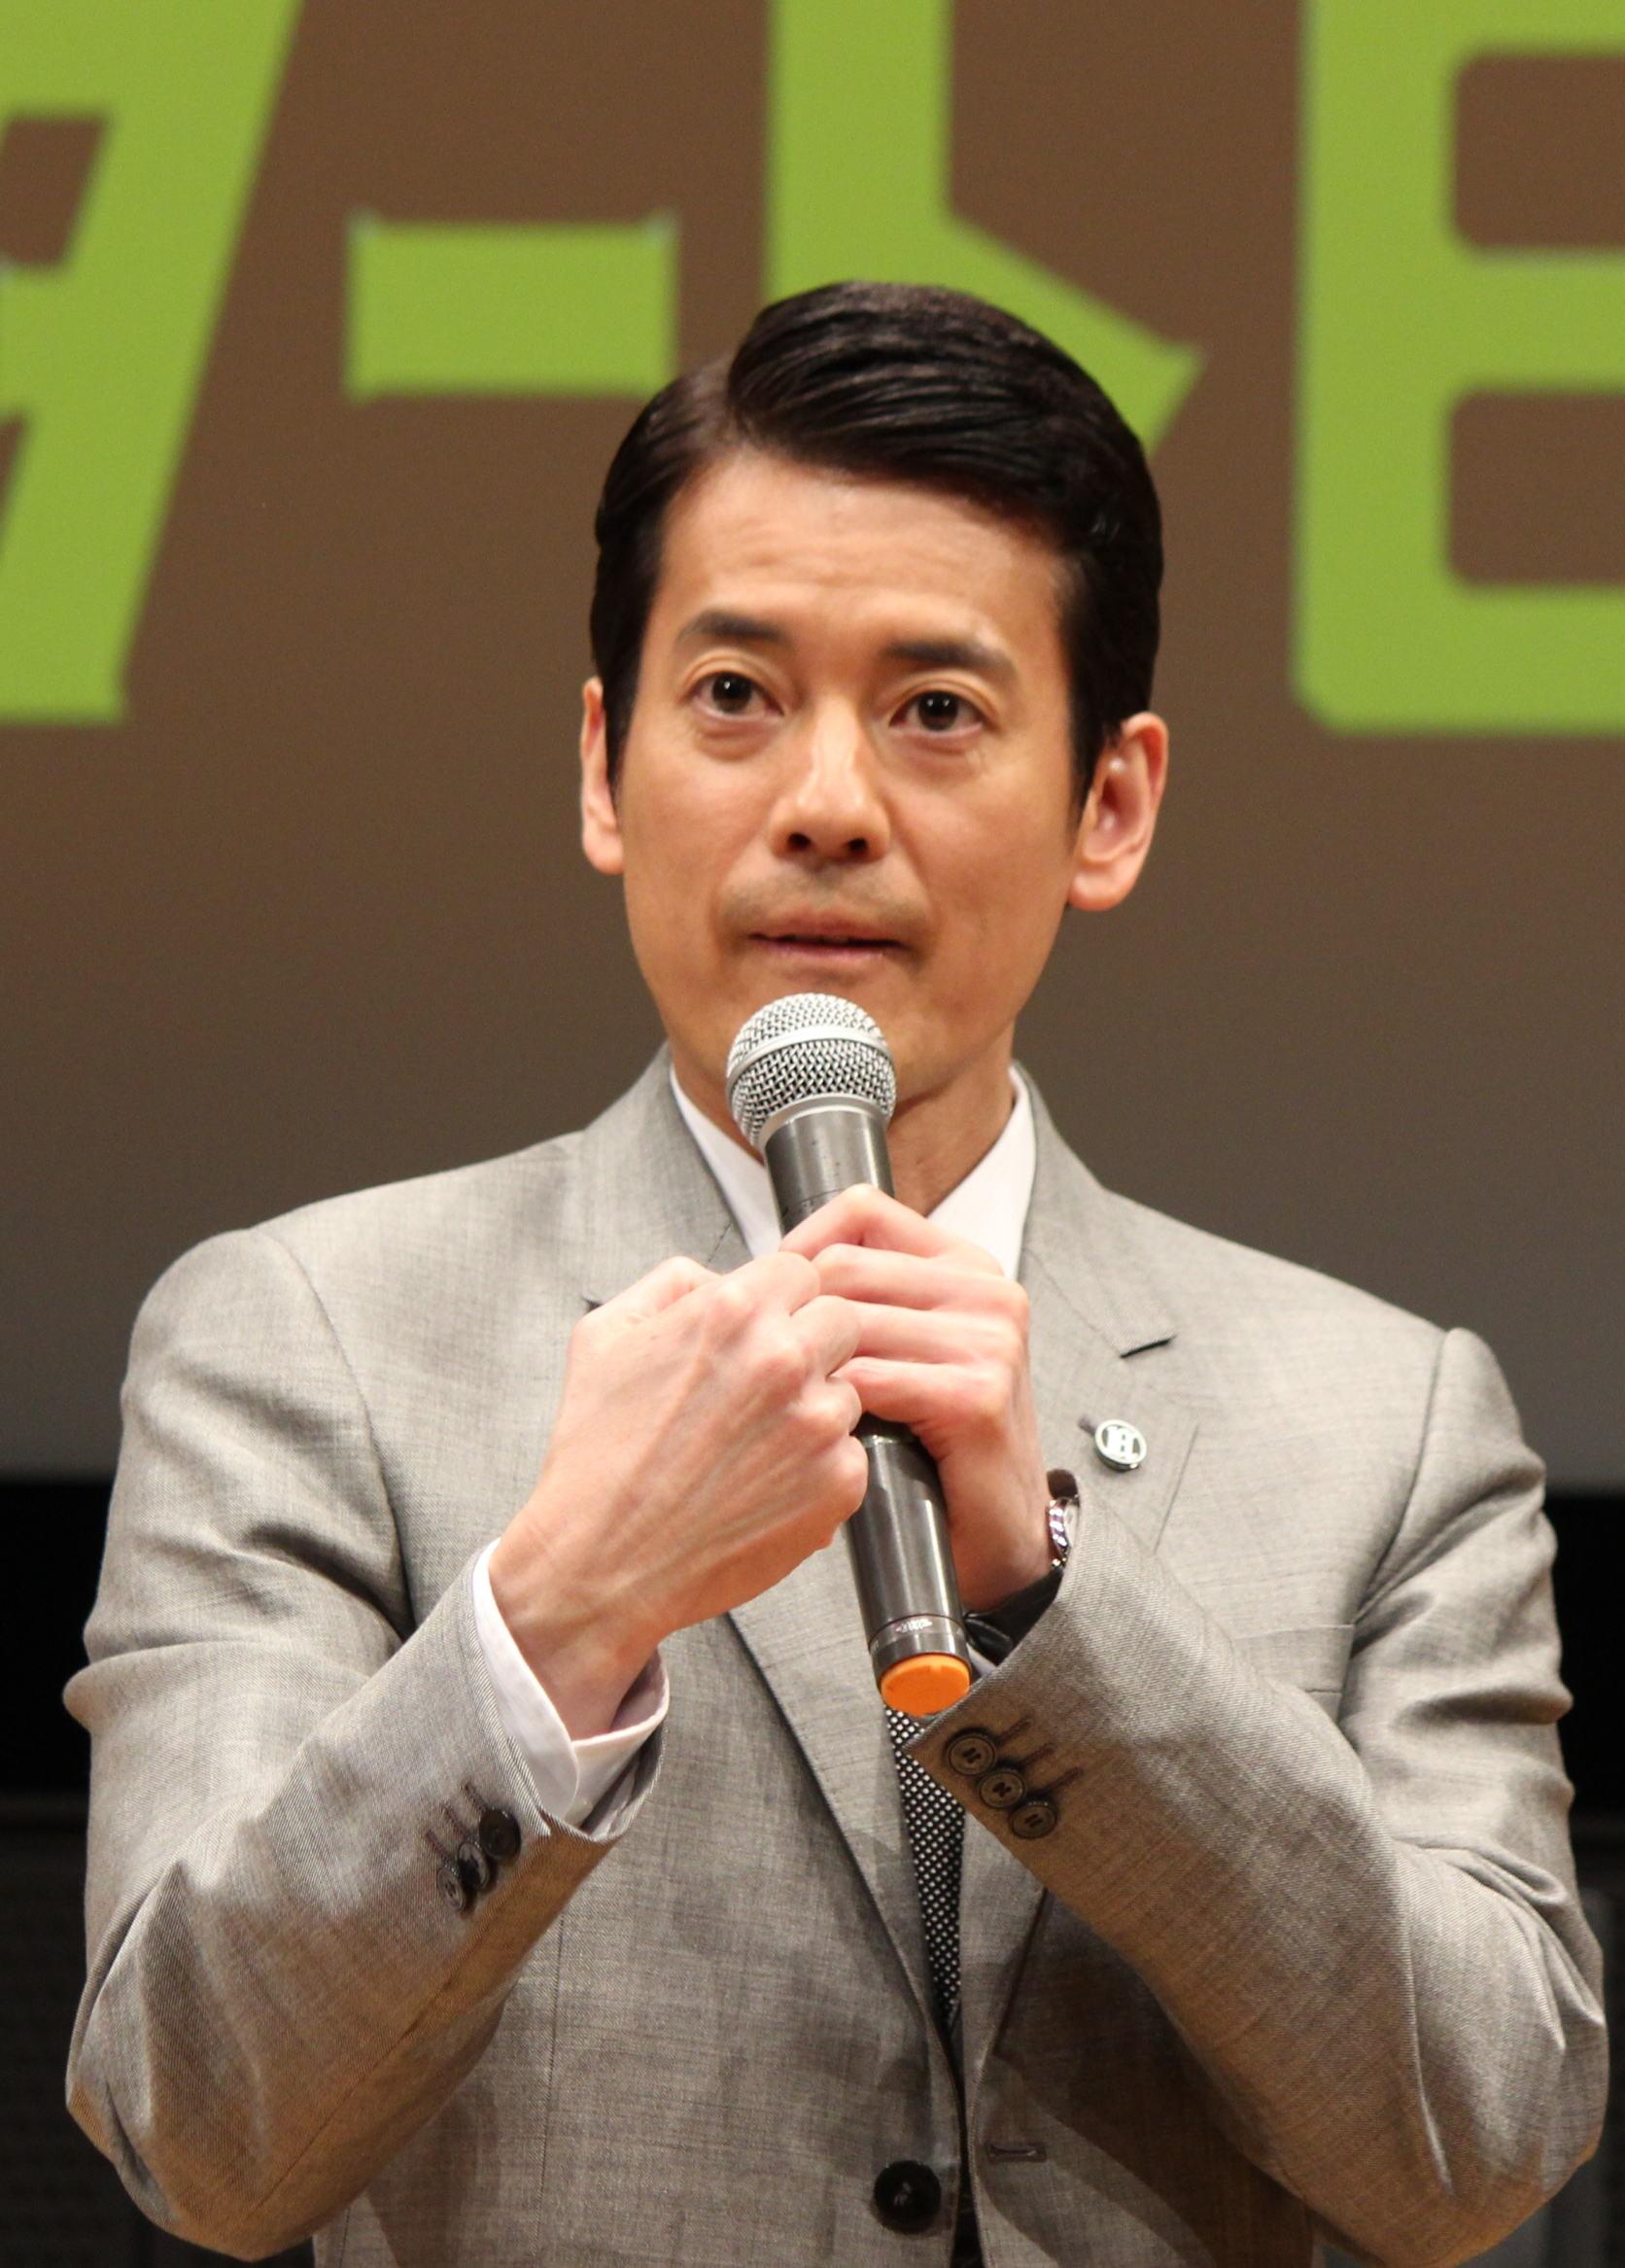 唐沢寿明、半沢超えに自信のガッツポーズ「笑うと倍返しするよ」